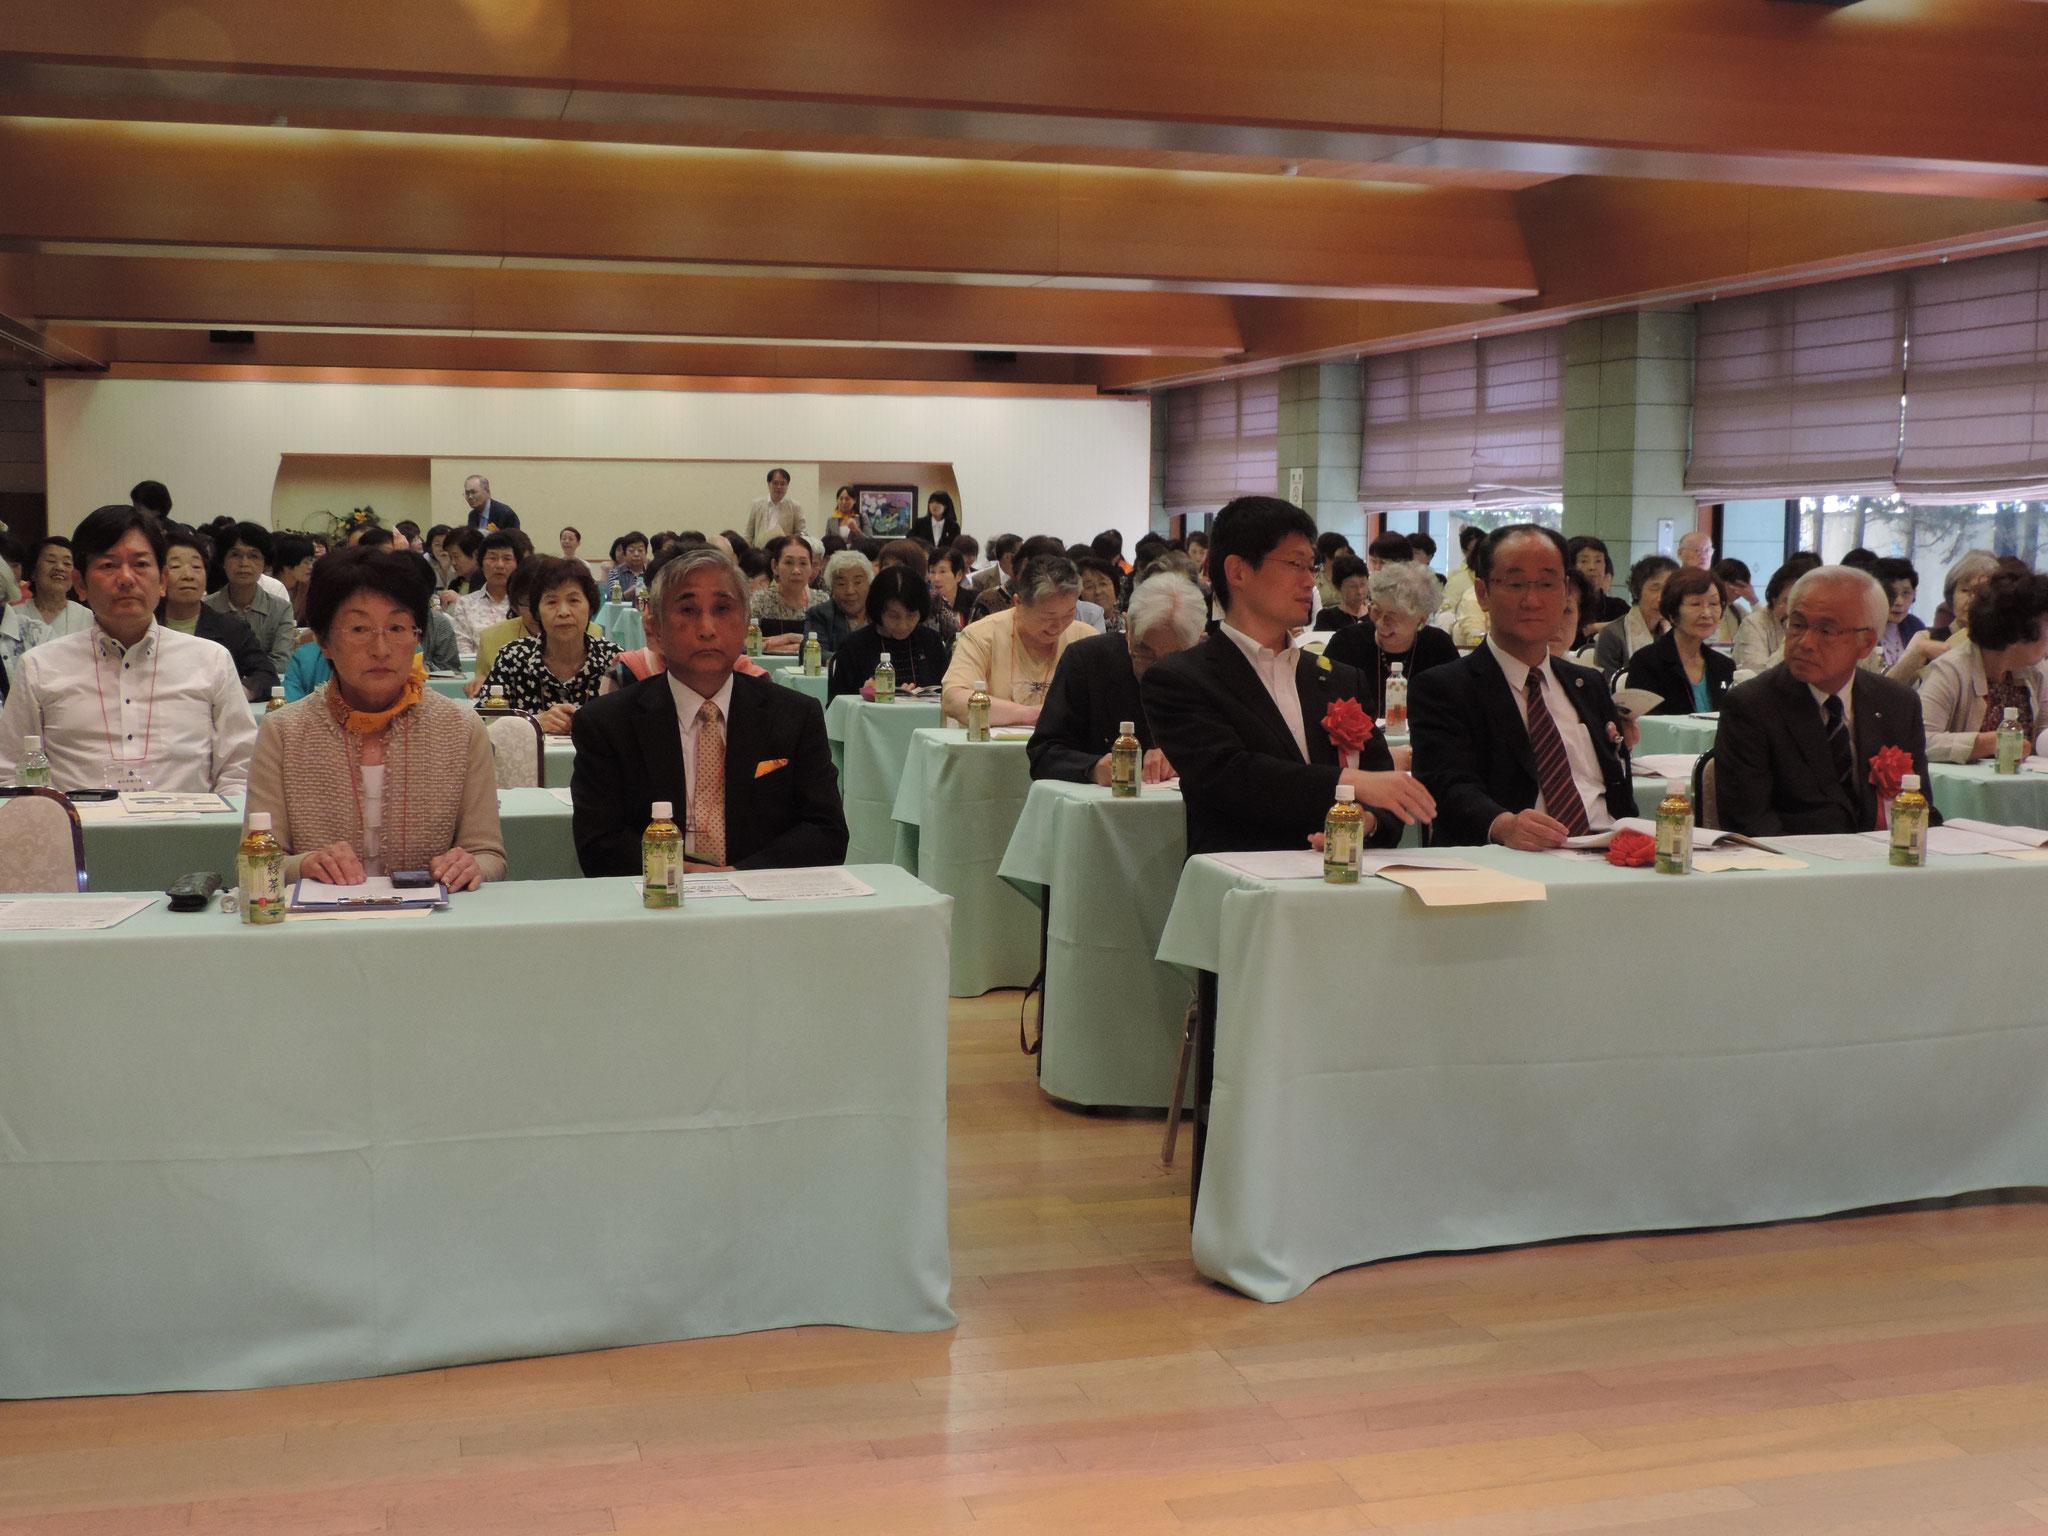 前列は開会前の緊張した大会役員と来賓の方々です。